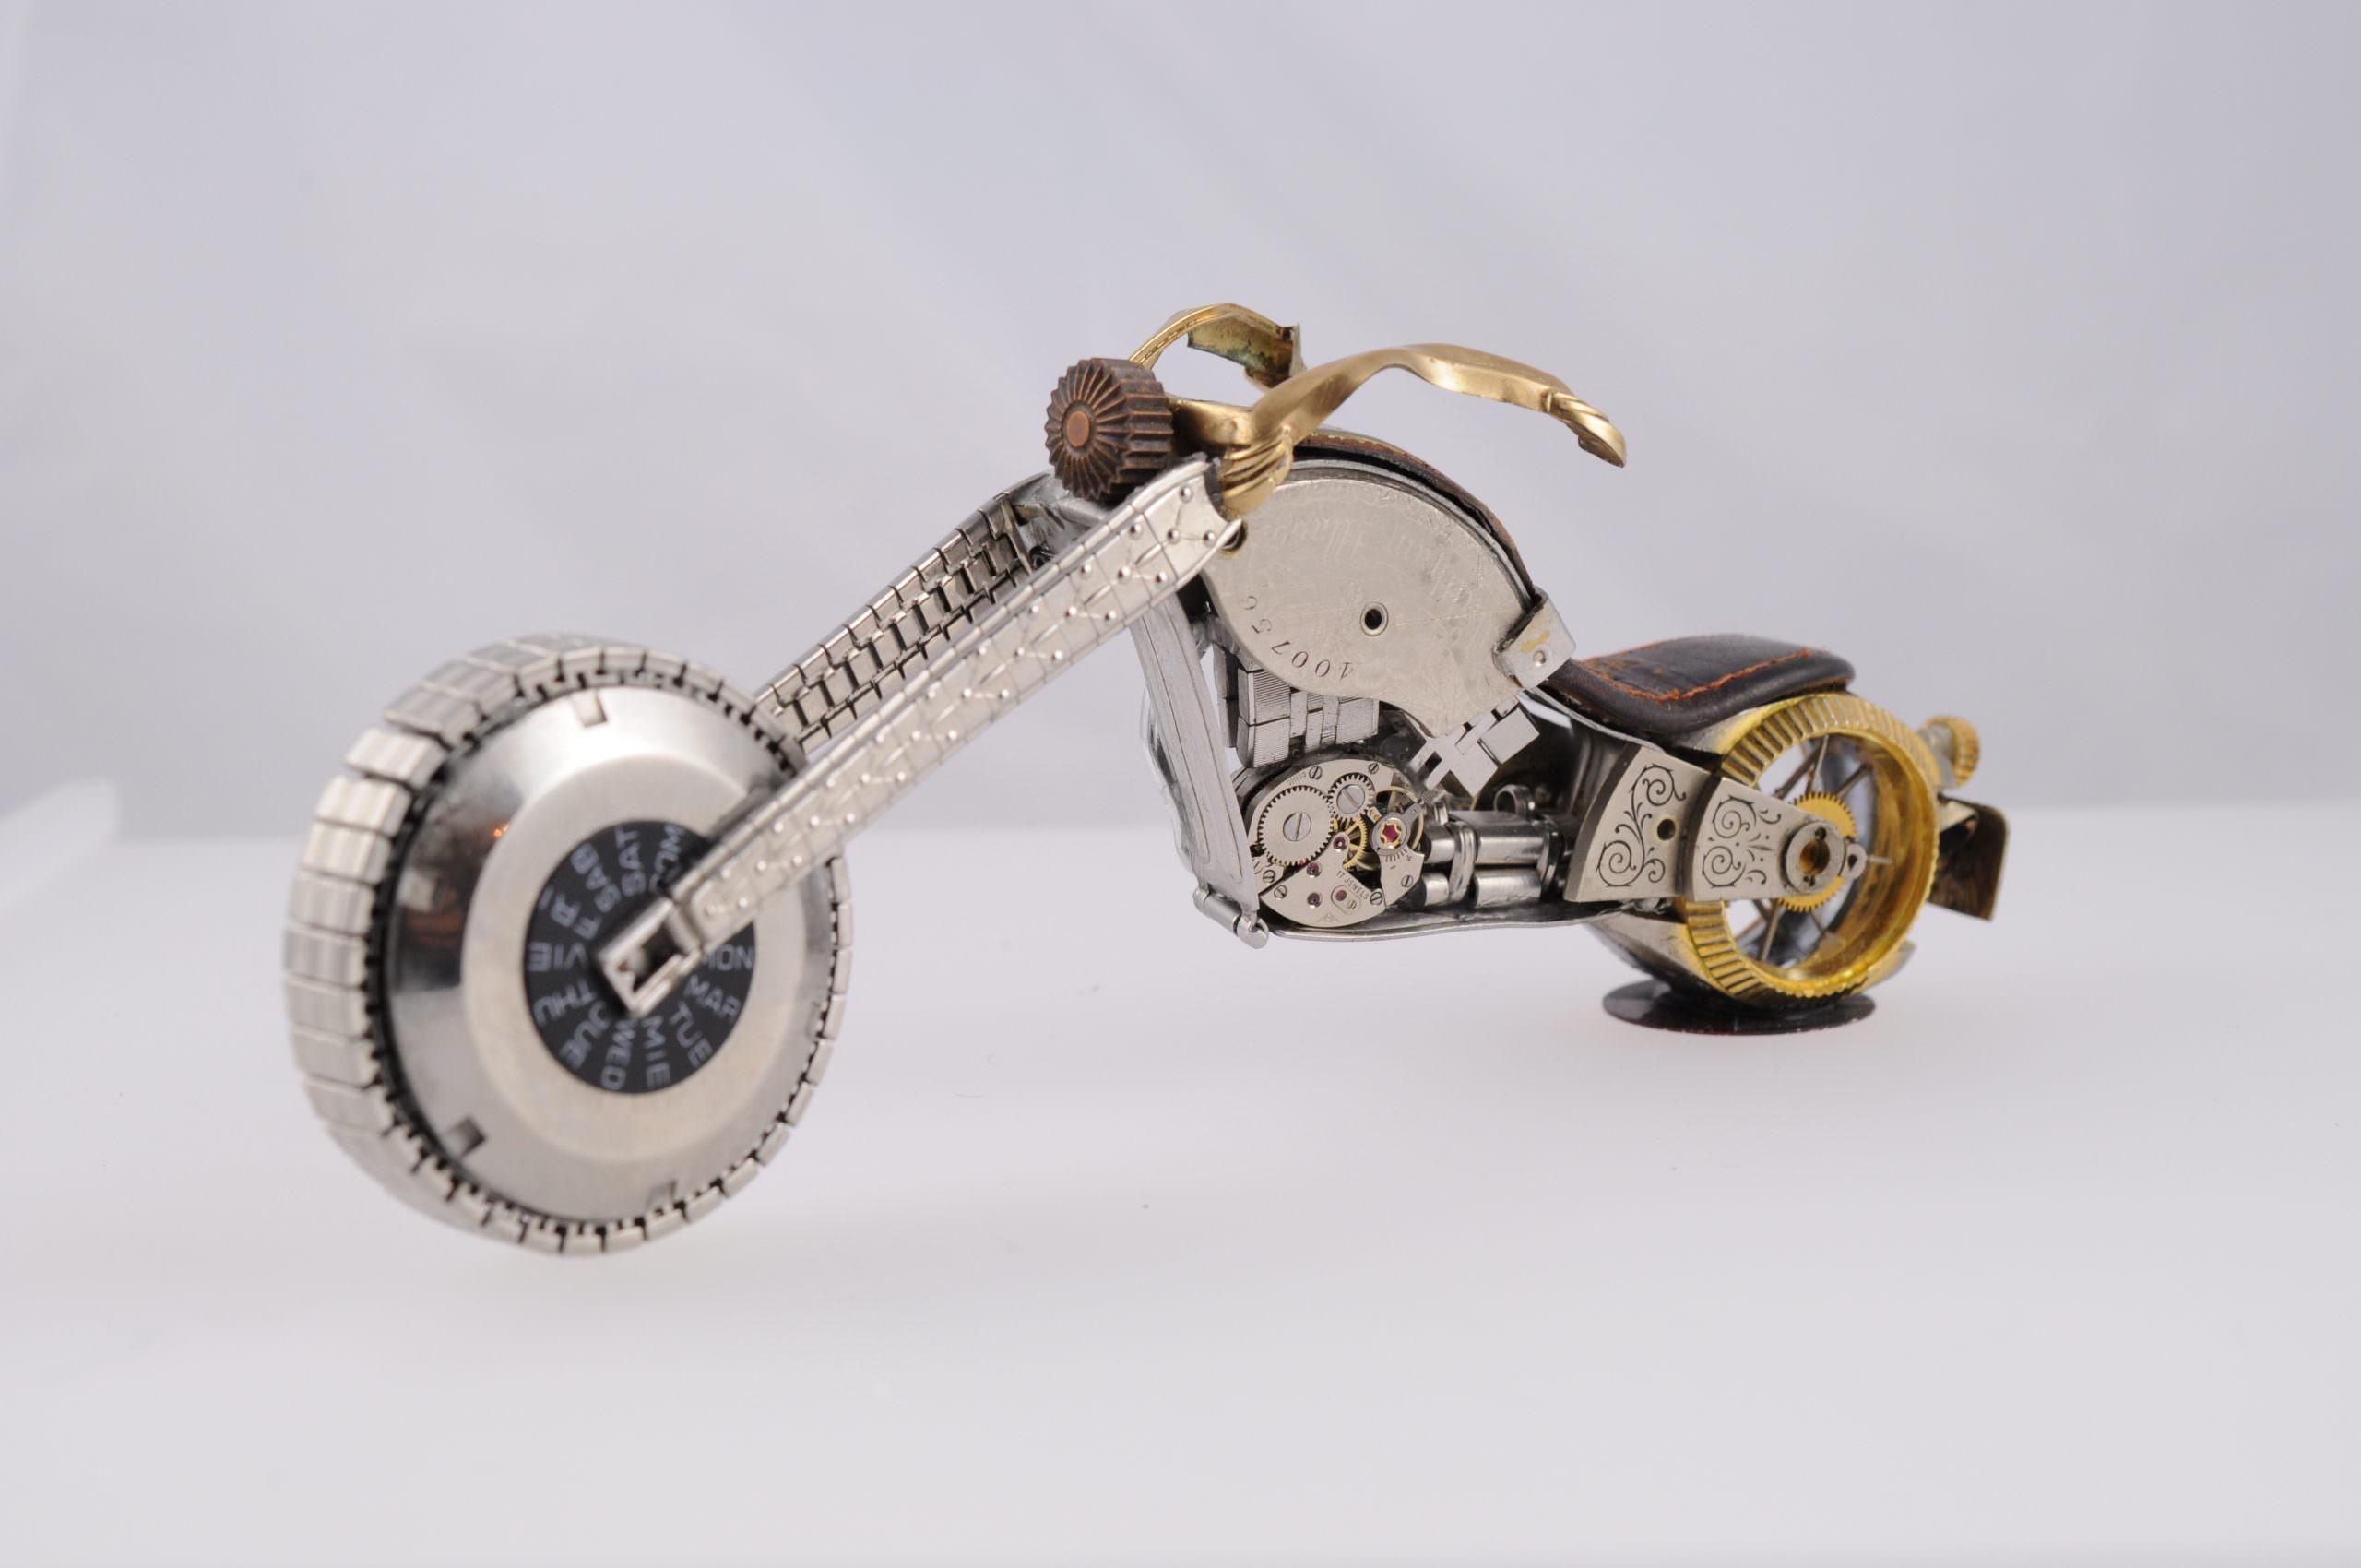 Rolex Watch Part Bike